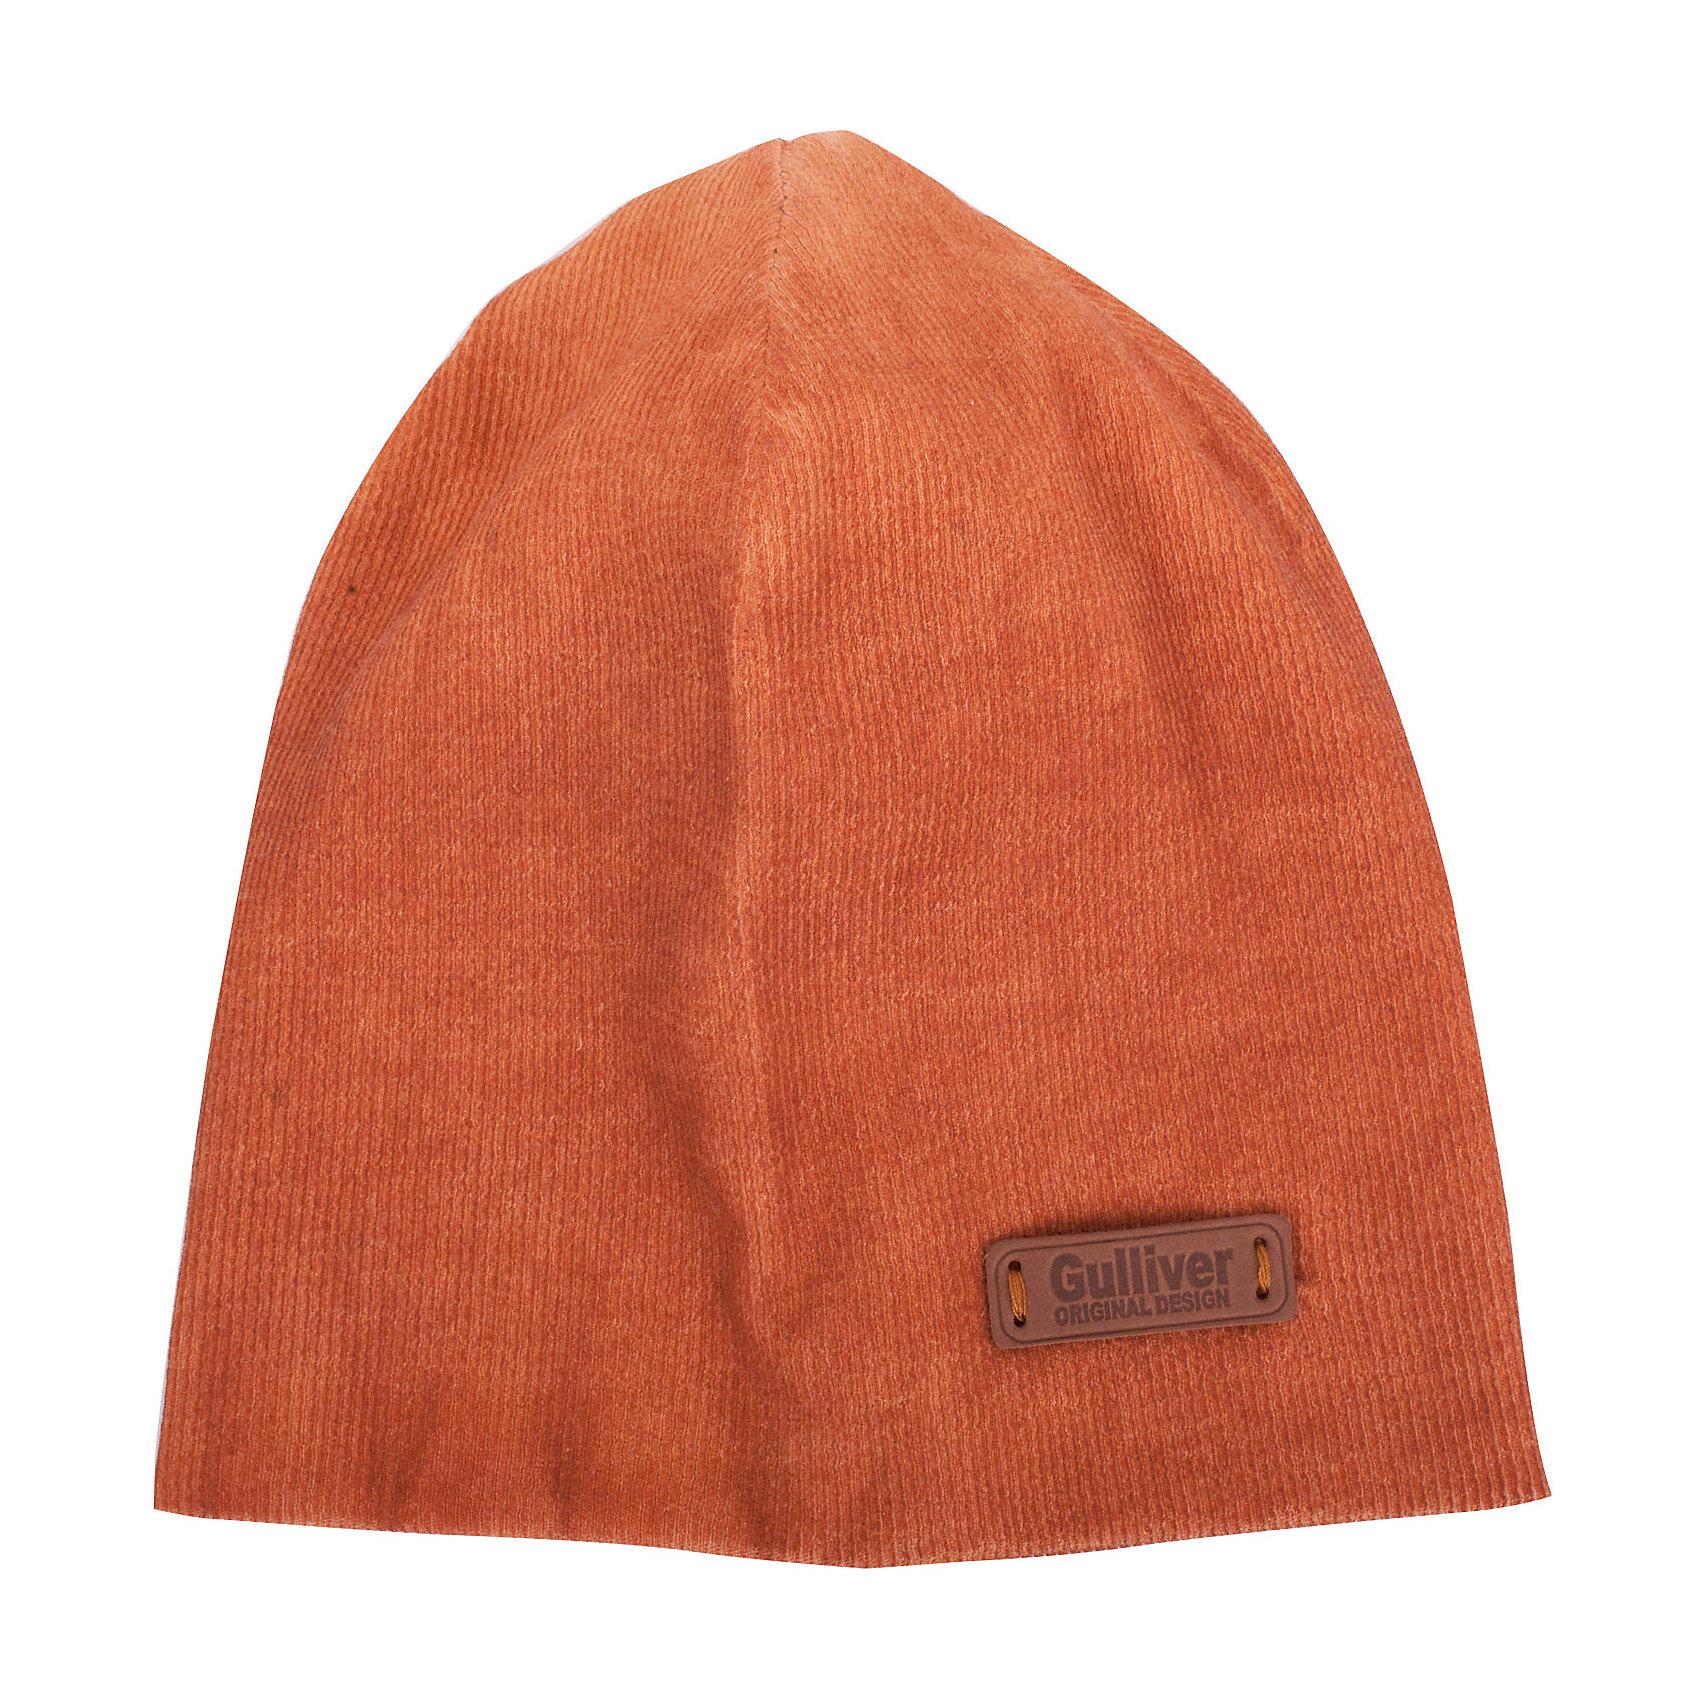 Шапка для мальчика GulliverДемисезонные<br>Стильная трикотажная шапка для мальчика отлично дополнит повседневный образ ребенка. Мягкая, легкая, комфортная, она отлично разместится в кармане пальто или куртки, чтобы в любой момент защитить модника от непогоды и ветра.<br>Состав:<br>97% хлопок        3% эластан<br><br>Ширина мм: 89<br>Глубина мм: 117<br>Высота мм: 44<br>Вес г: 155<br>Цвет: оранжевый<br>Возраст от месяцев: 48<br>Возраст до месяцев: 60<br>Пол: Мужской<br>Возраст: Детский<br>Размер: 52,54<br>SKU: 5482850